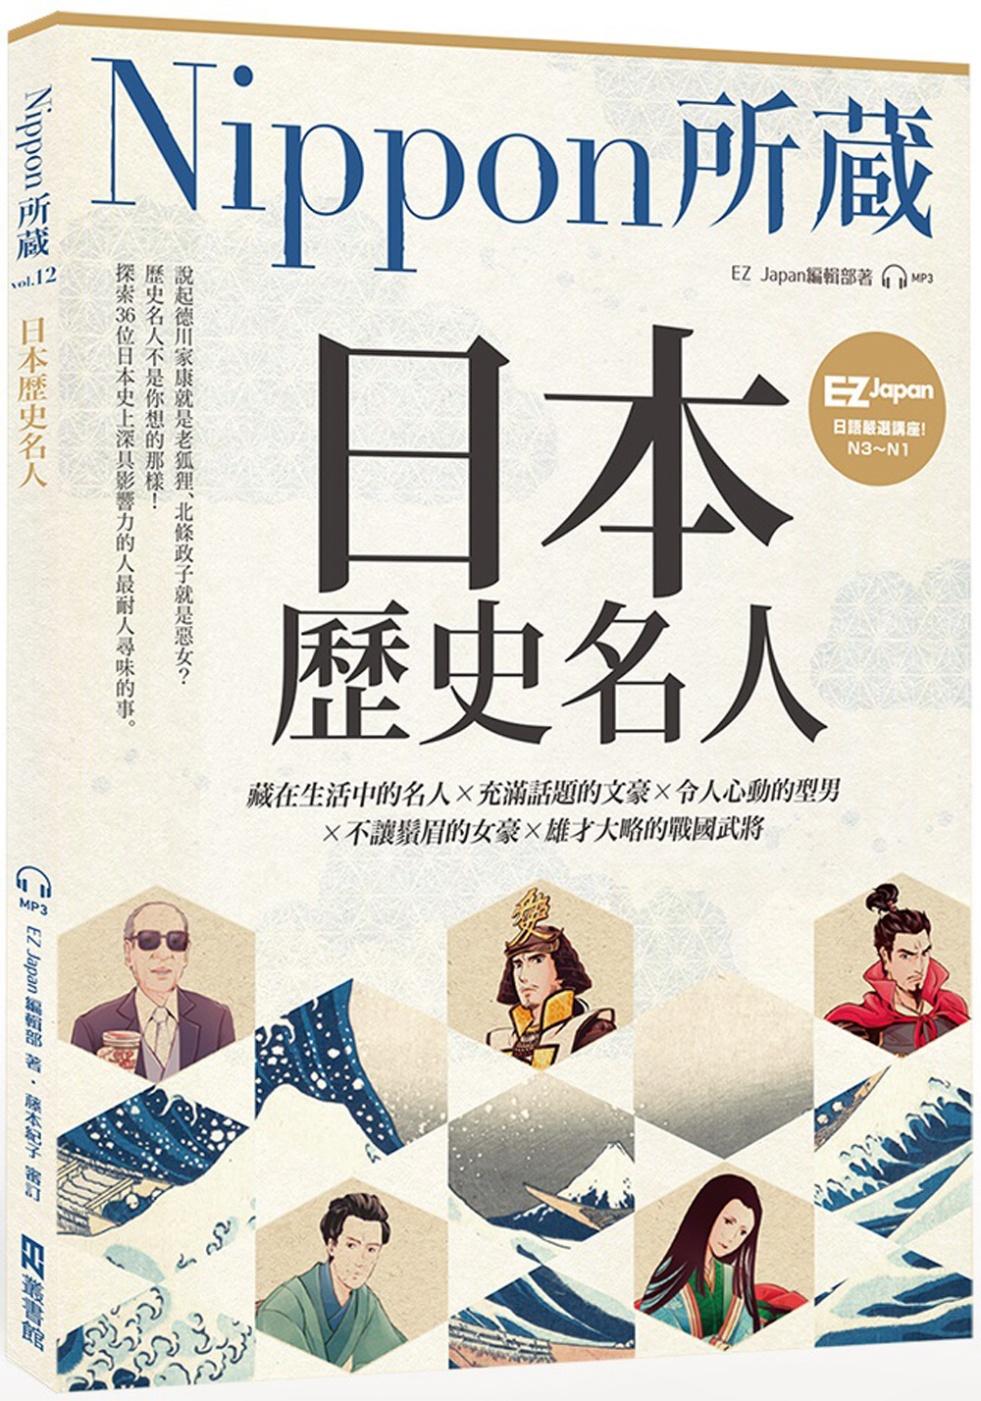 日本歷史名人:Nippon所藏...